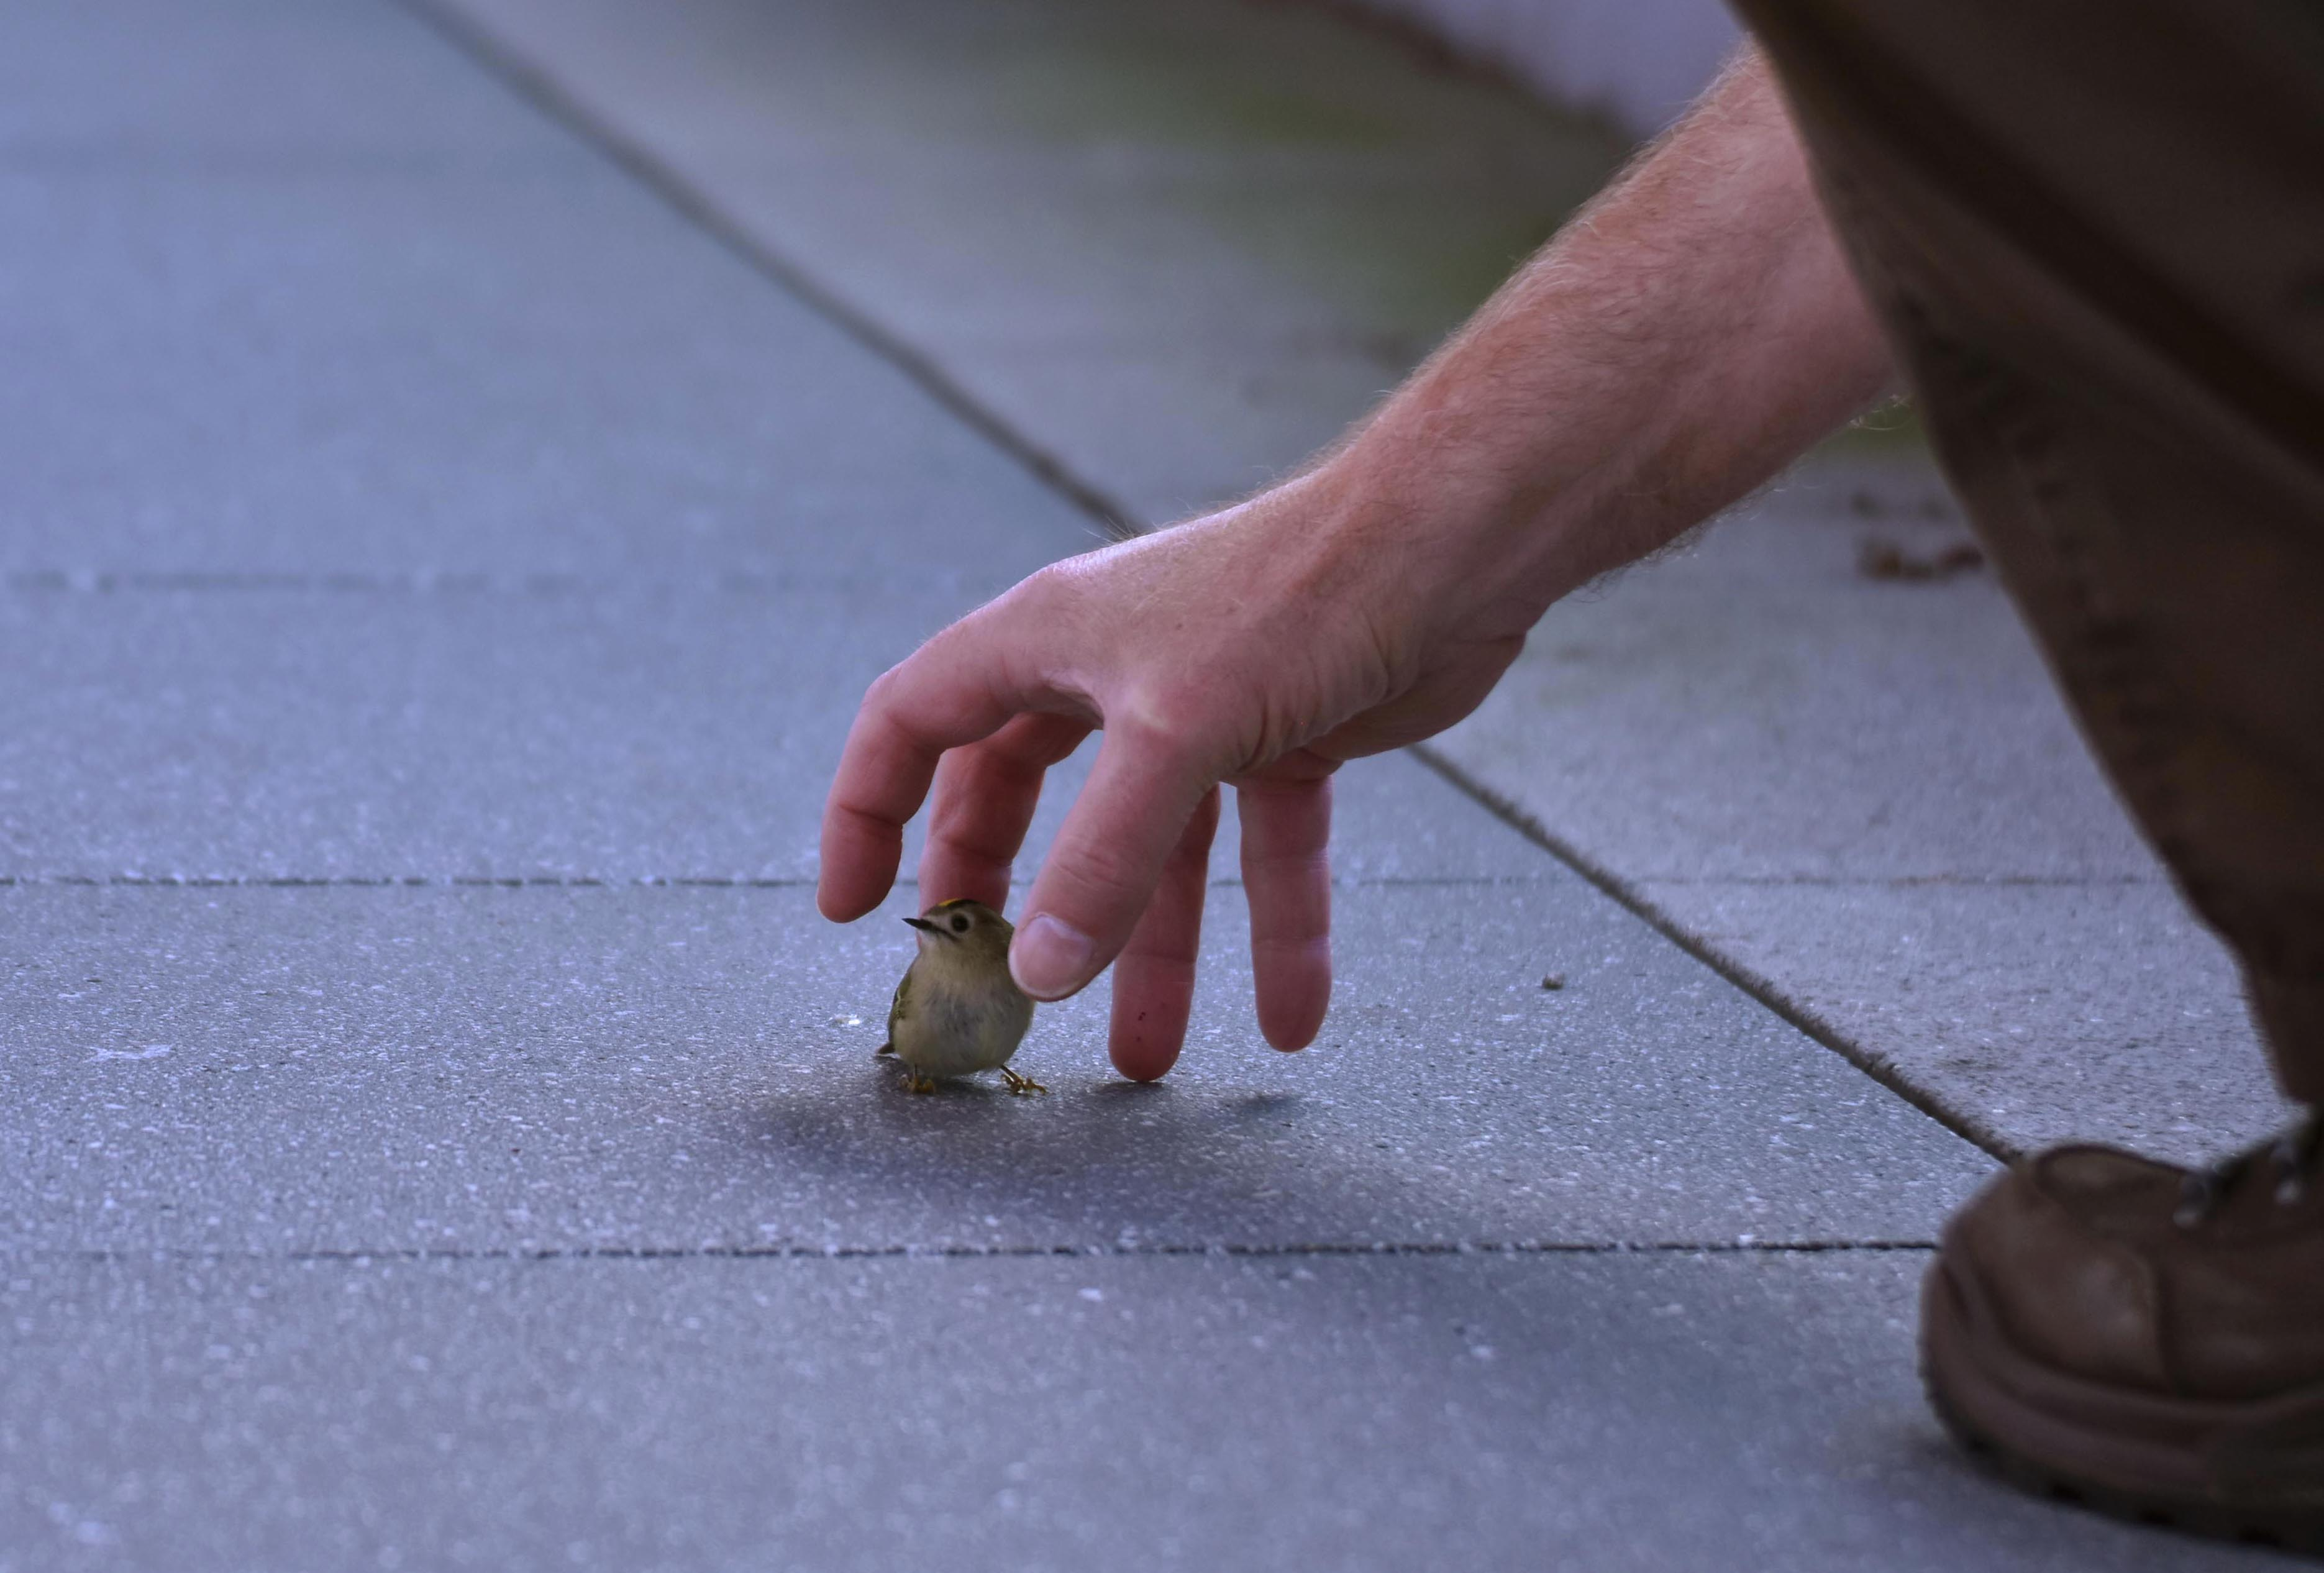 Ikzelf met mijn grote hand boven het kleine vogeltje, wat een verschil! – Foto: ©Fransien Fraanje